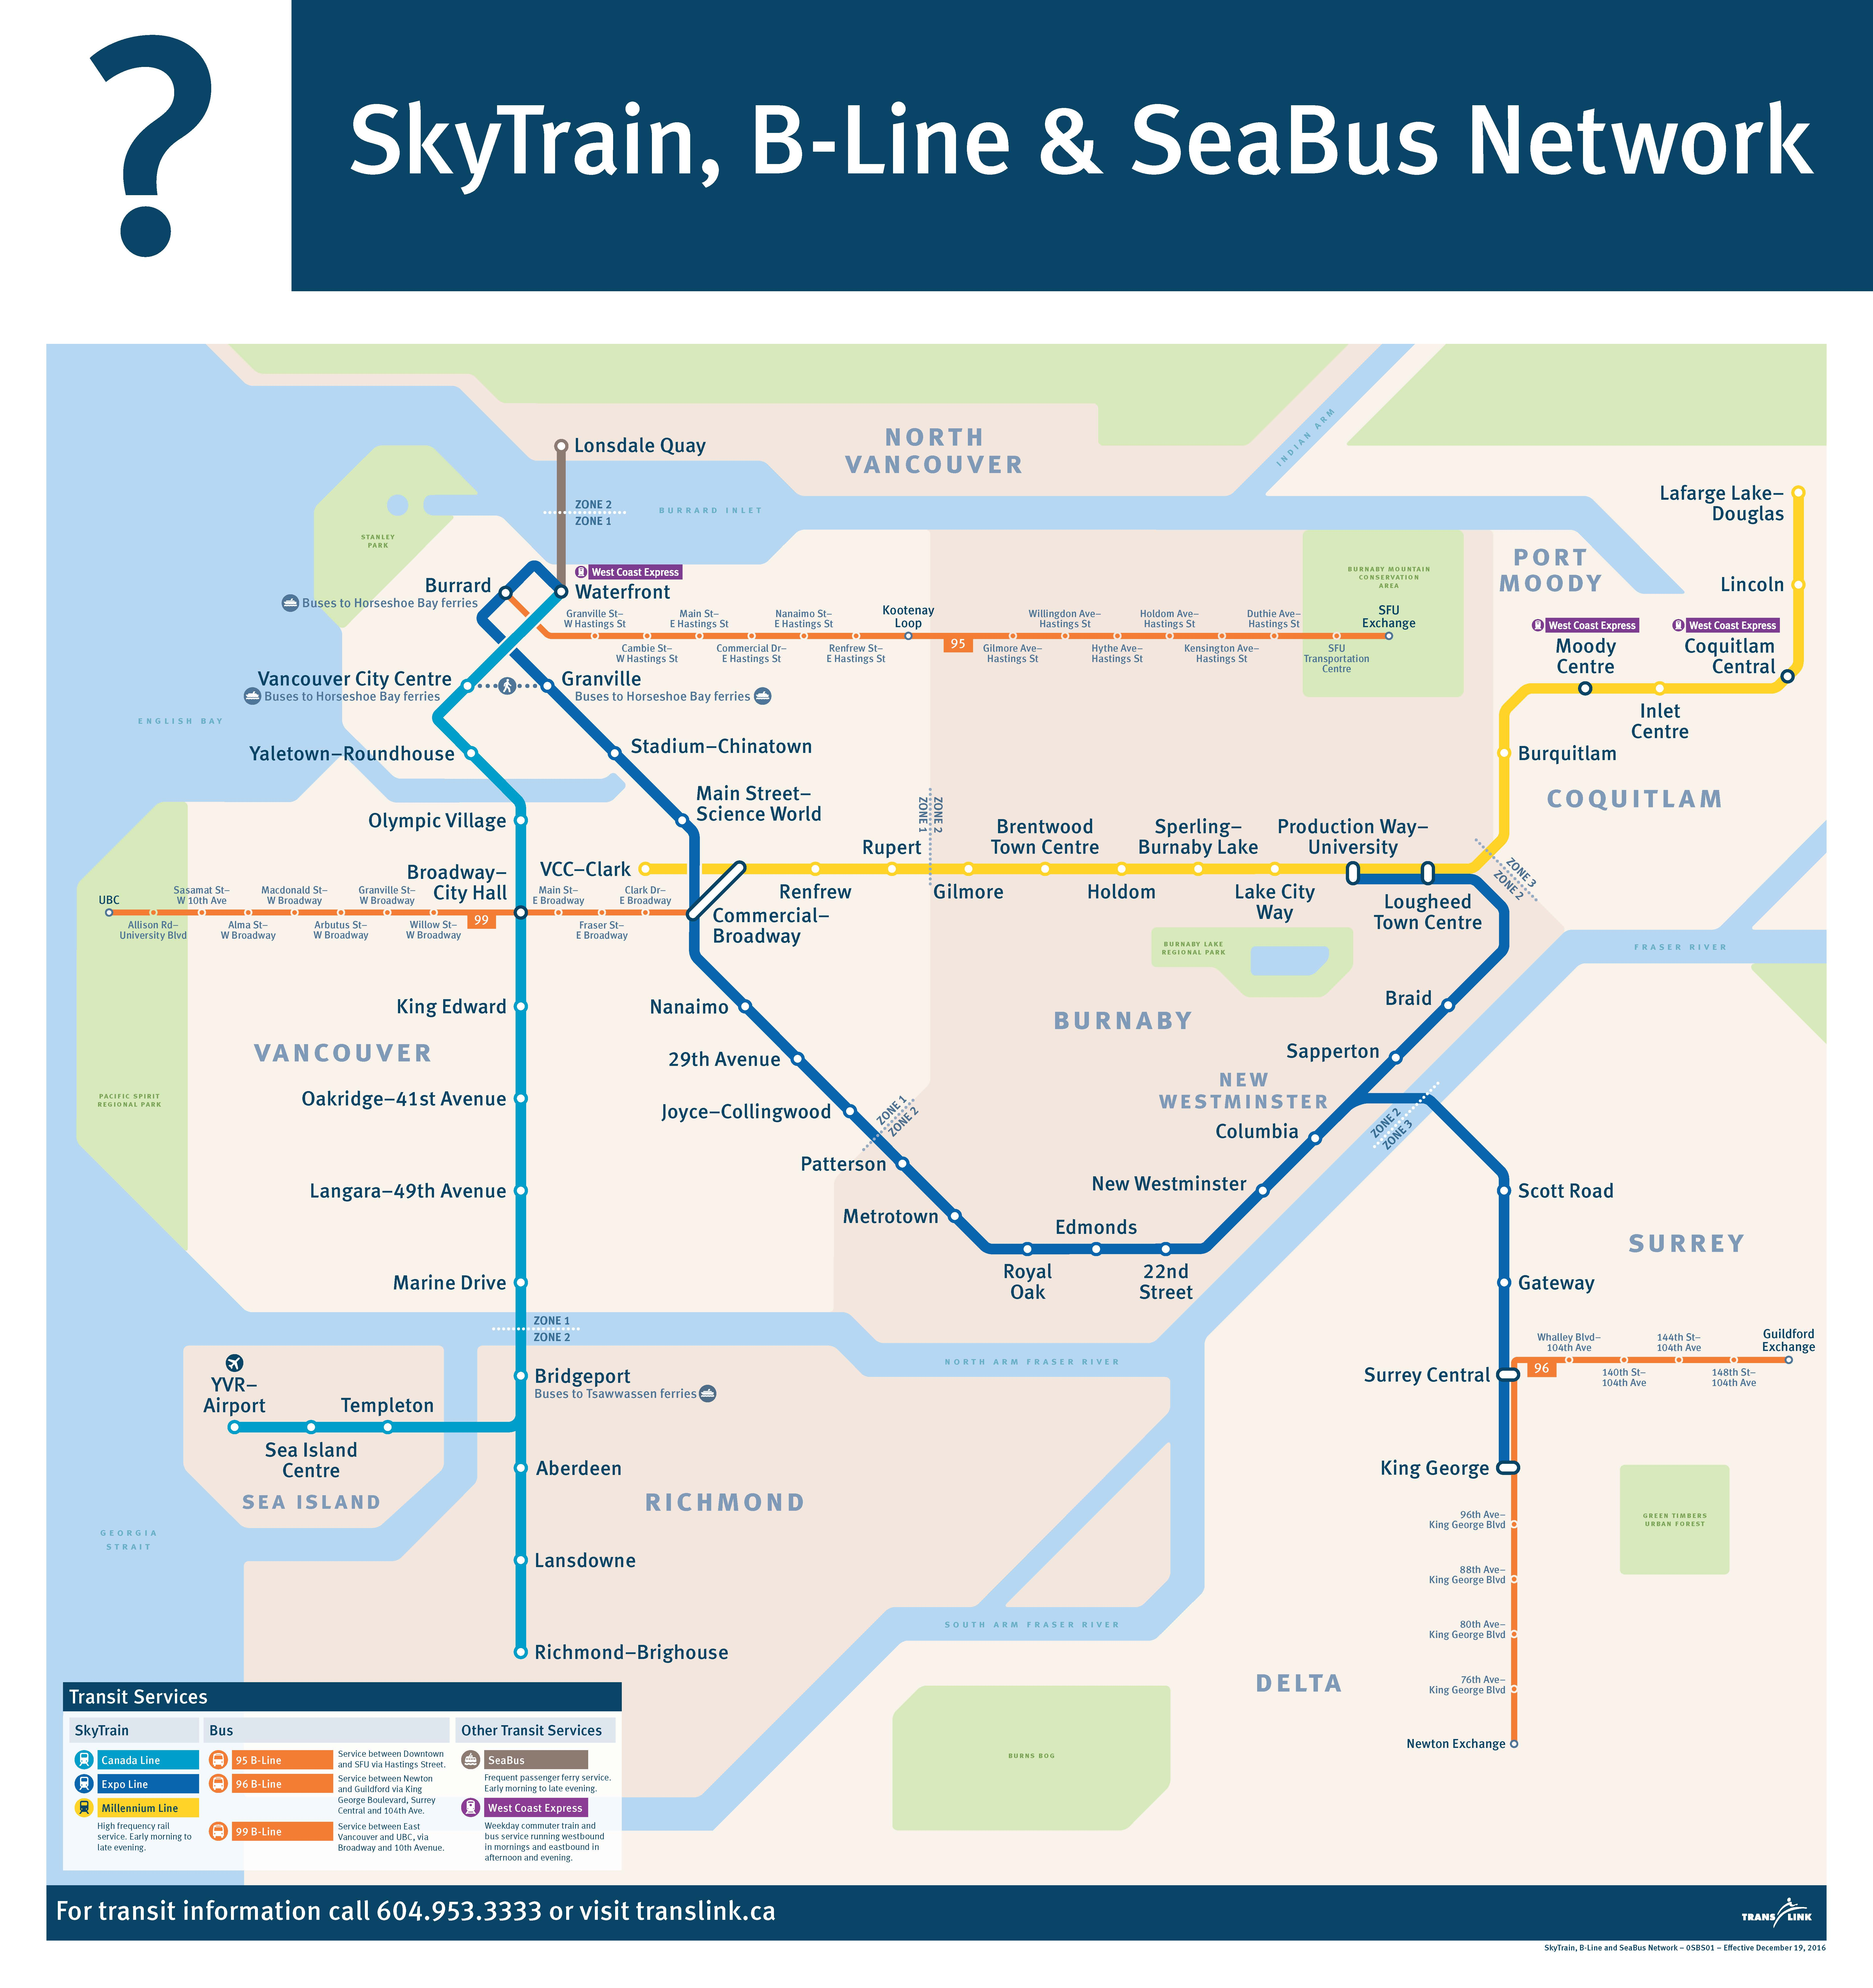 Carte du réseau du SkyTrain, B-Line et SeaBus de Vancouver